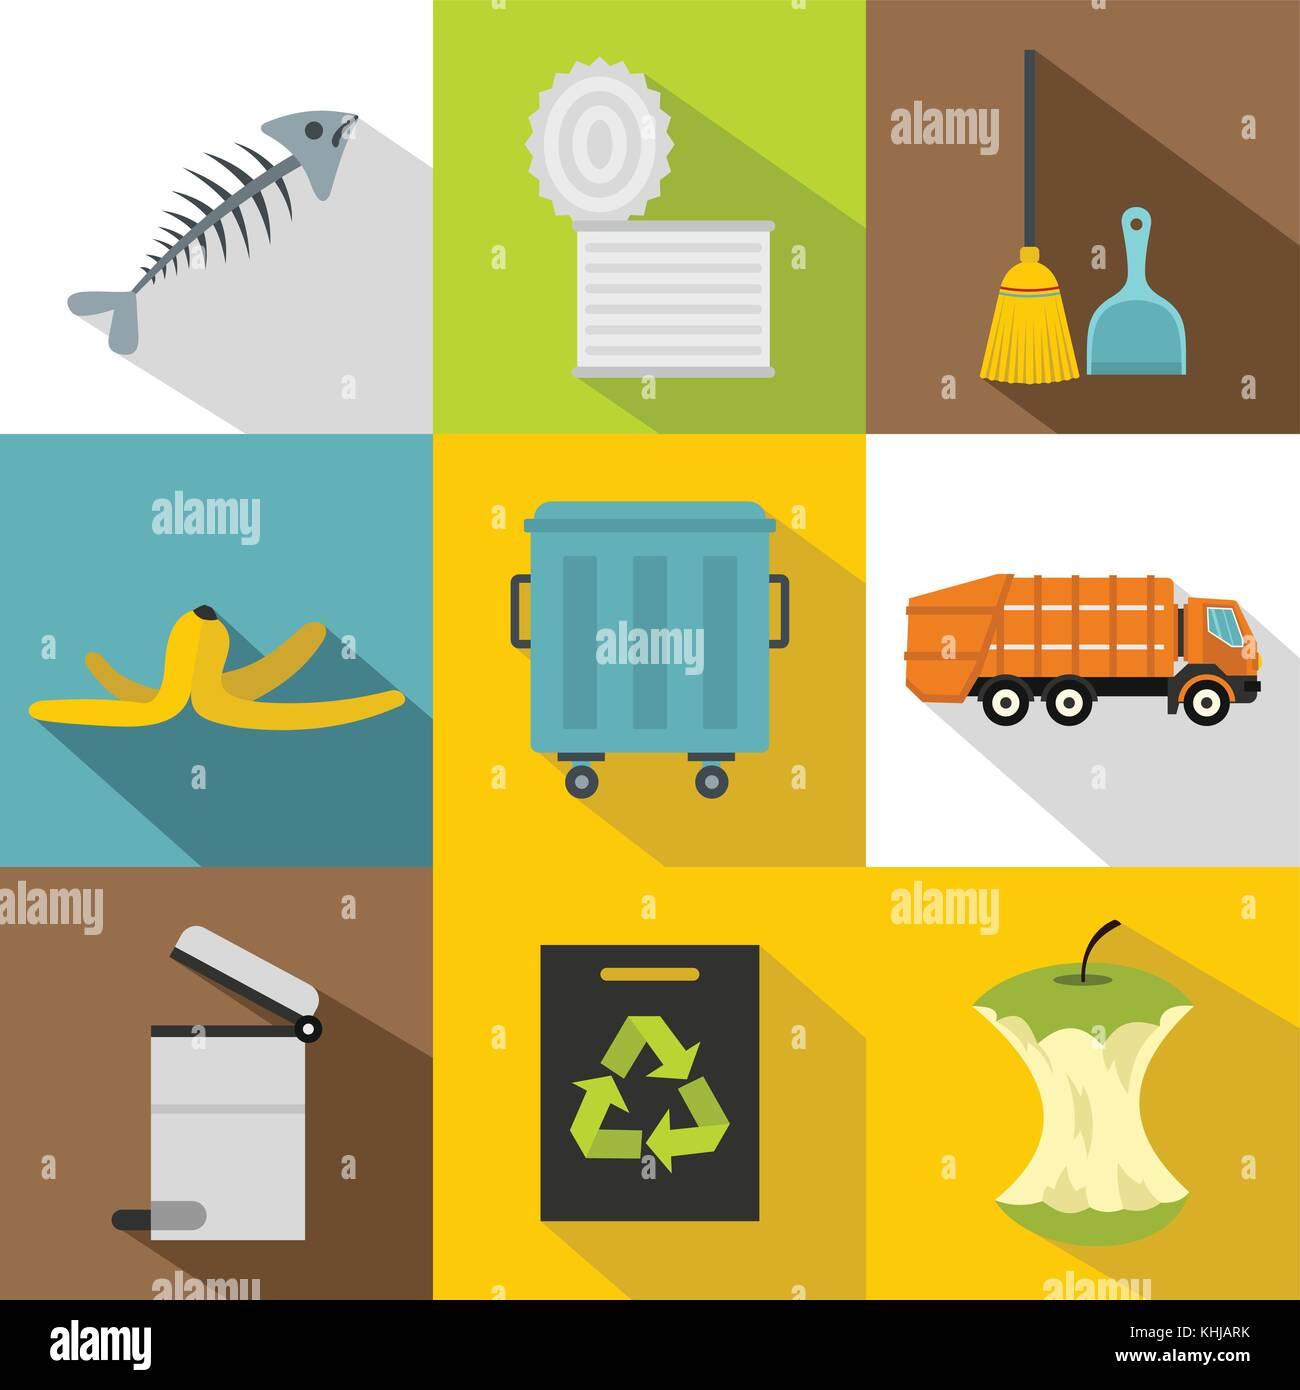 Types of waste icons set, flat style - Stock Image